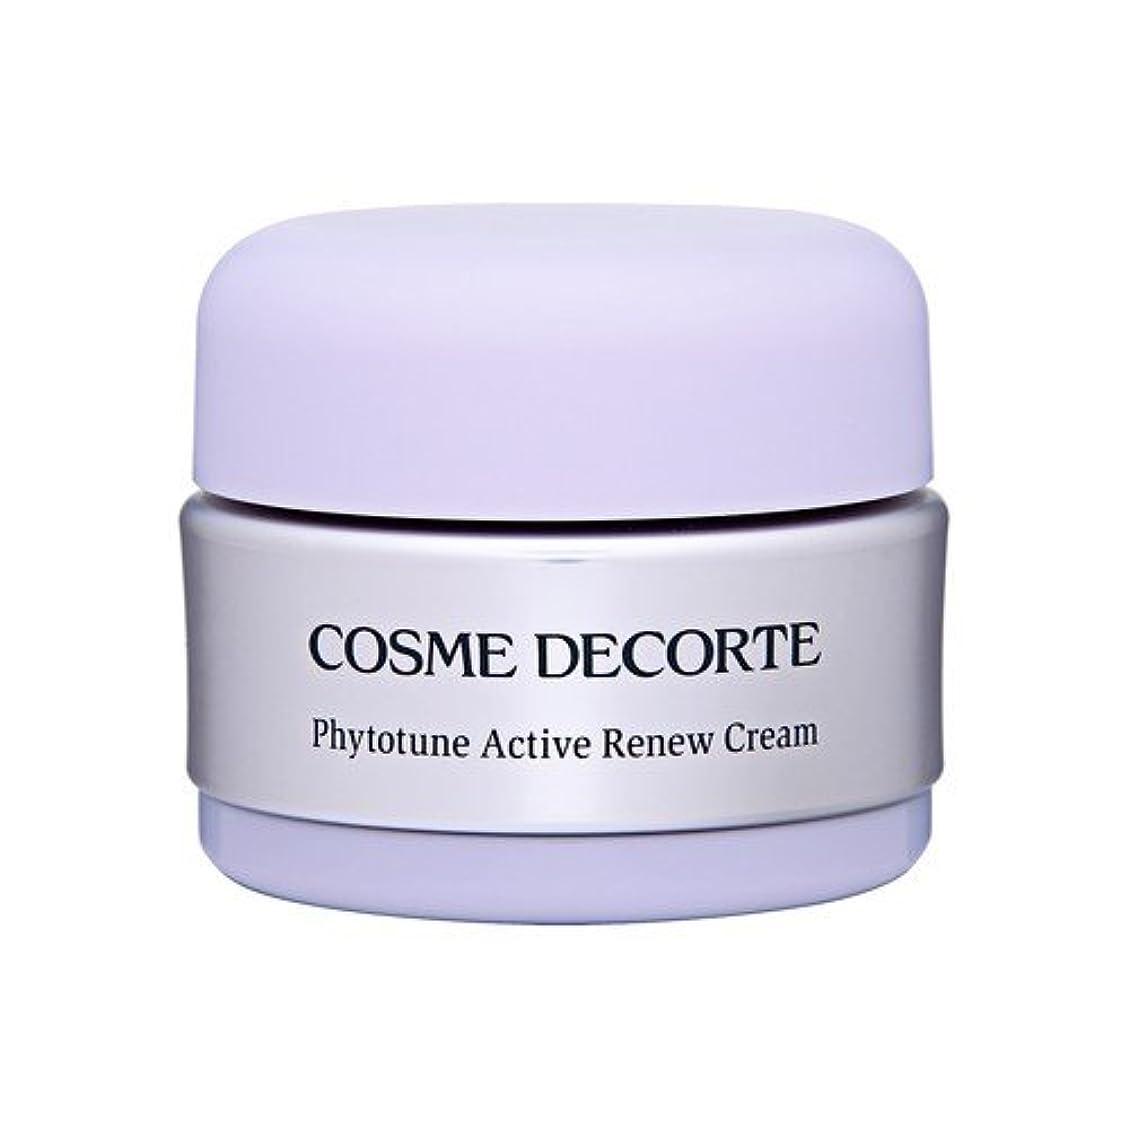 耳死にかけているトラックコスメ デコルテ(COSME DECORTE) フィトチューンアクティブリニュークリーム 30g [364491][並行輸入品]